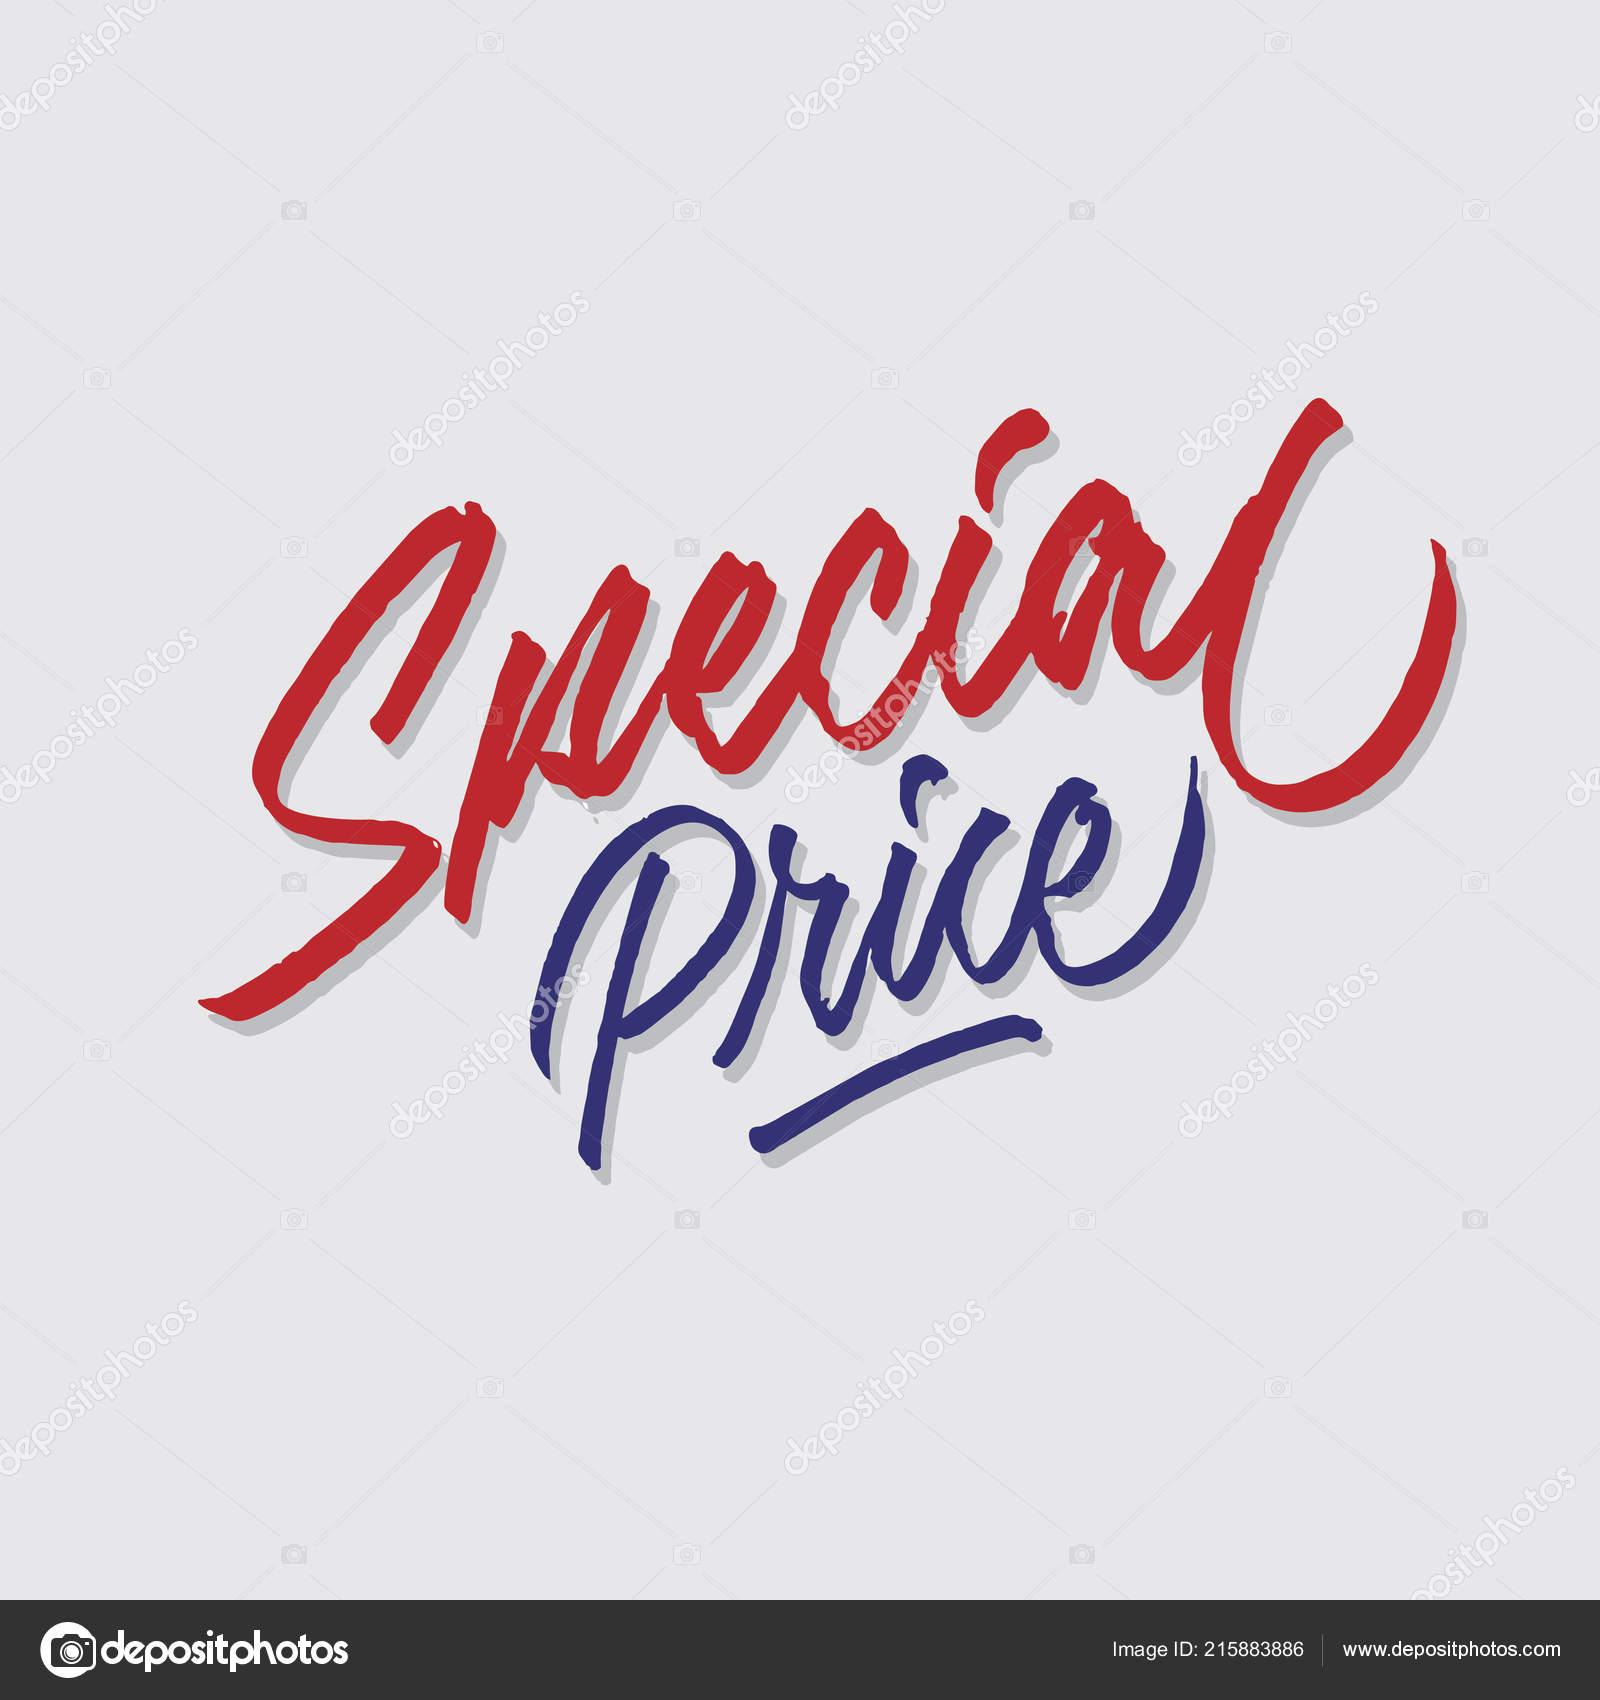 Ceny Specjalne Strony Napis Typografia Sprzedaży Marketingu